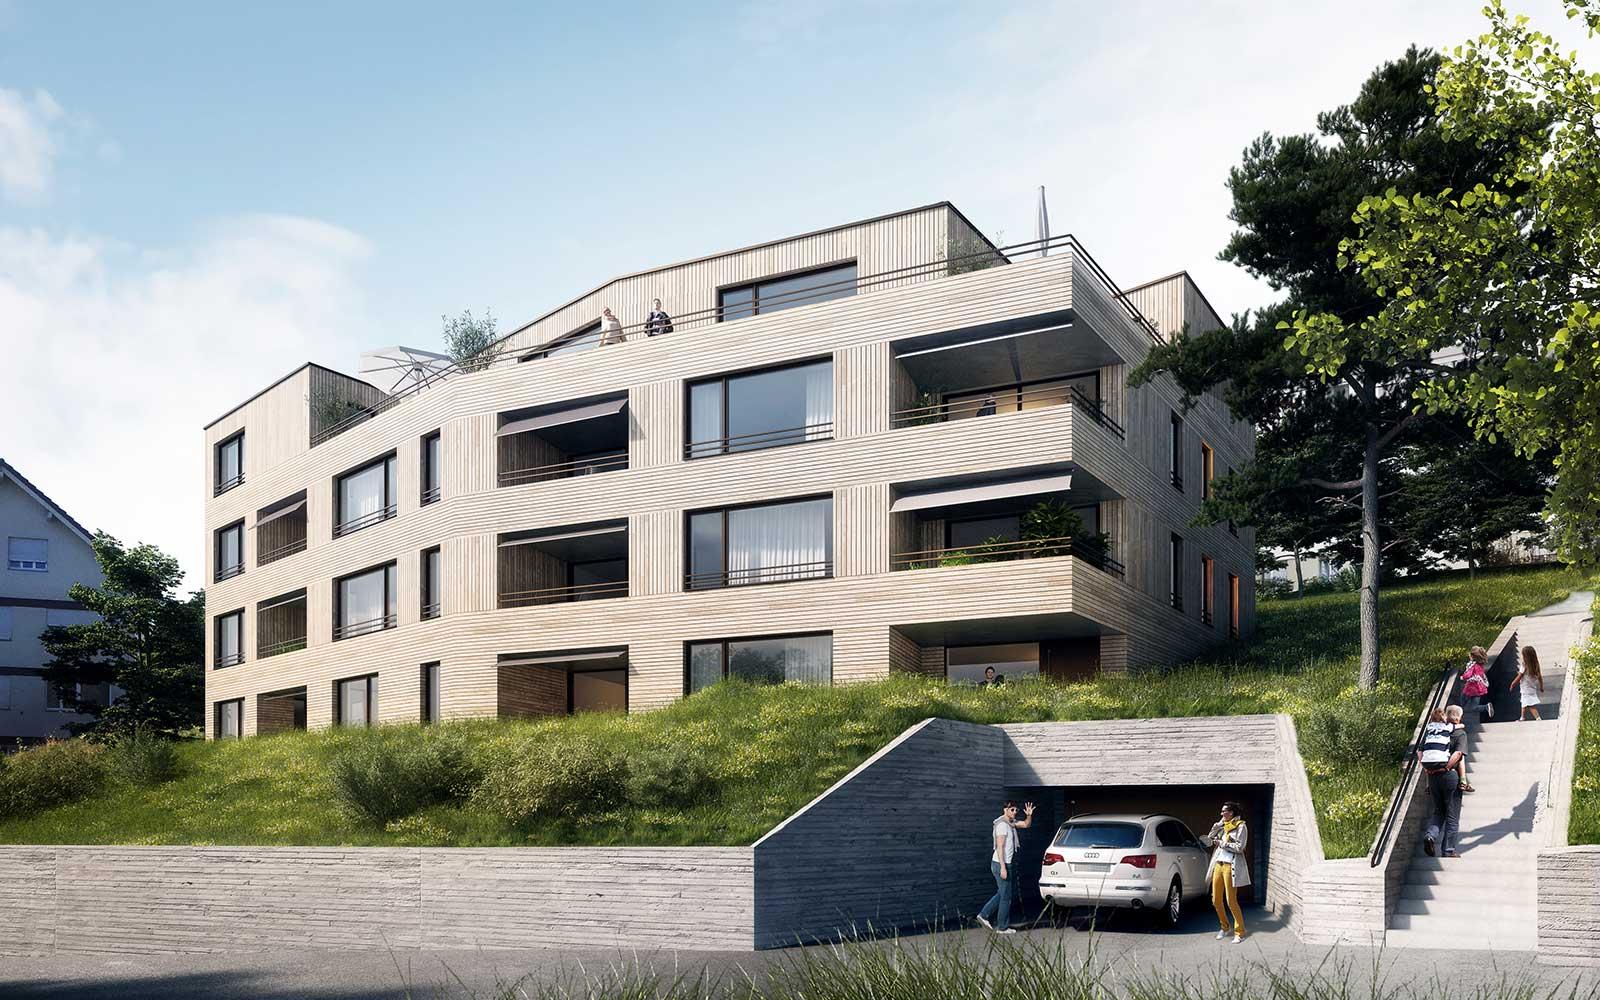 Visualisierung aussen Wettbewerb Neubau Mehrfamilienhaus im Eichhölzli Biel/Bienne